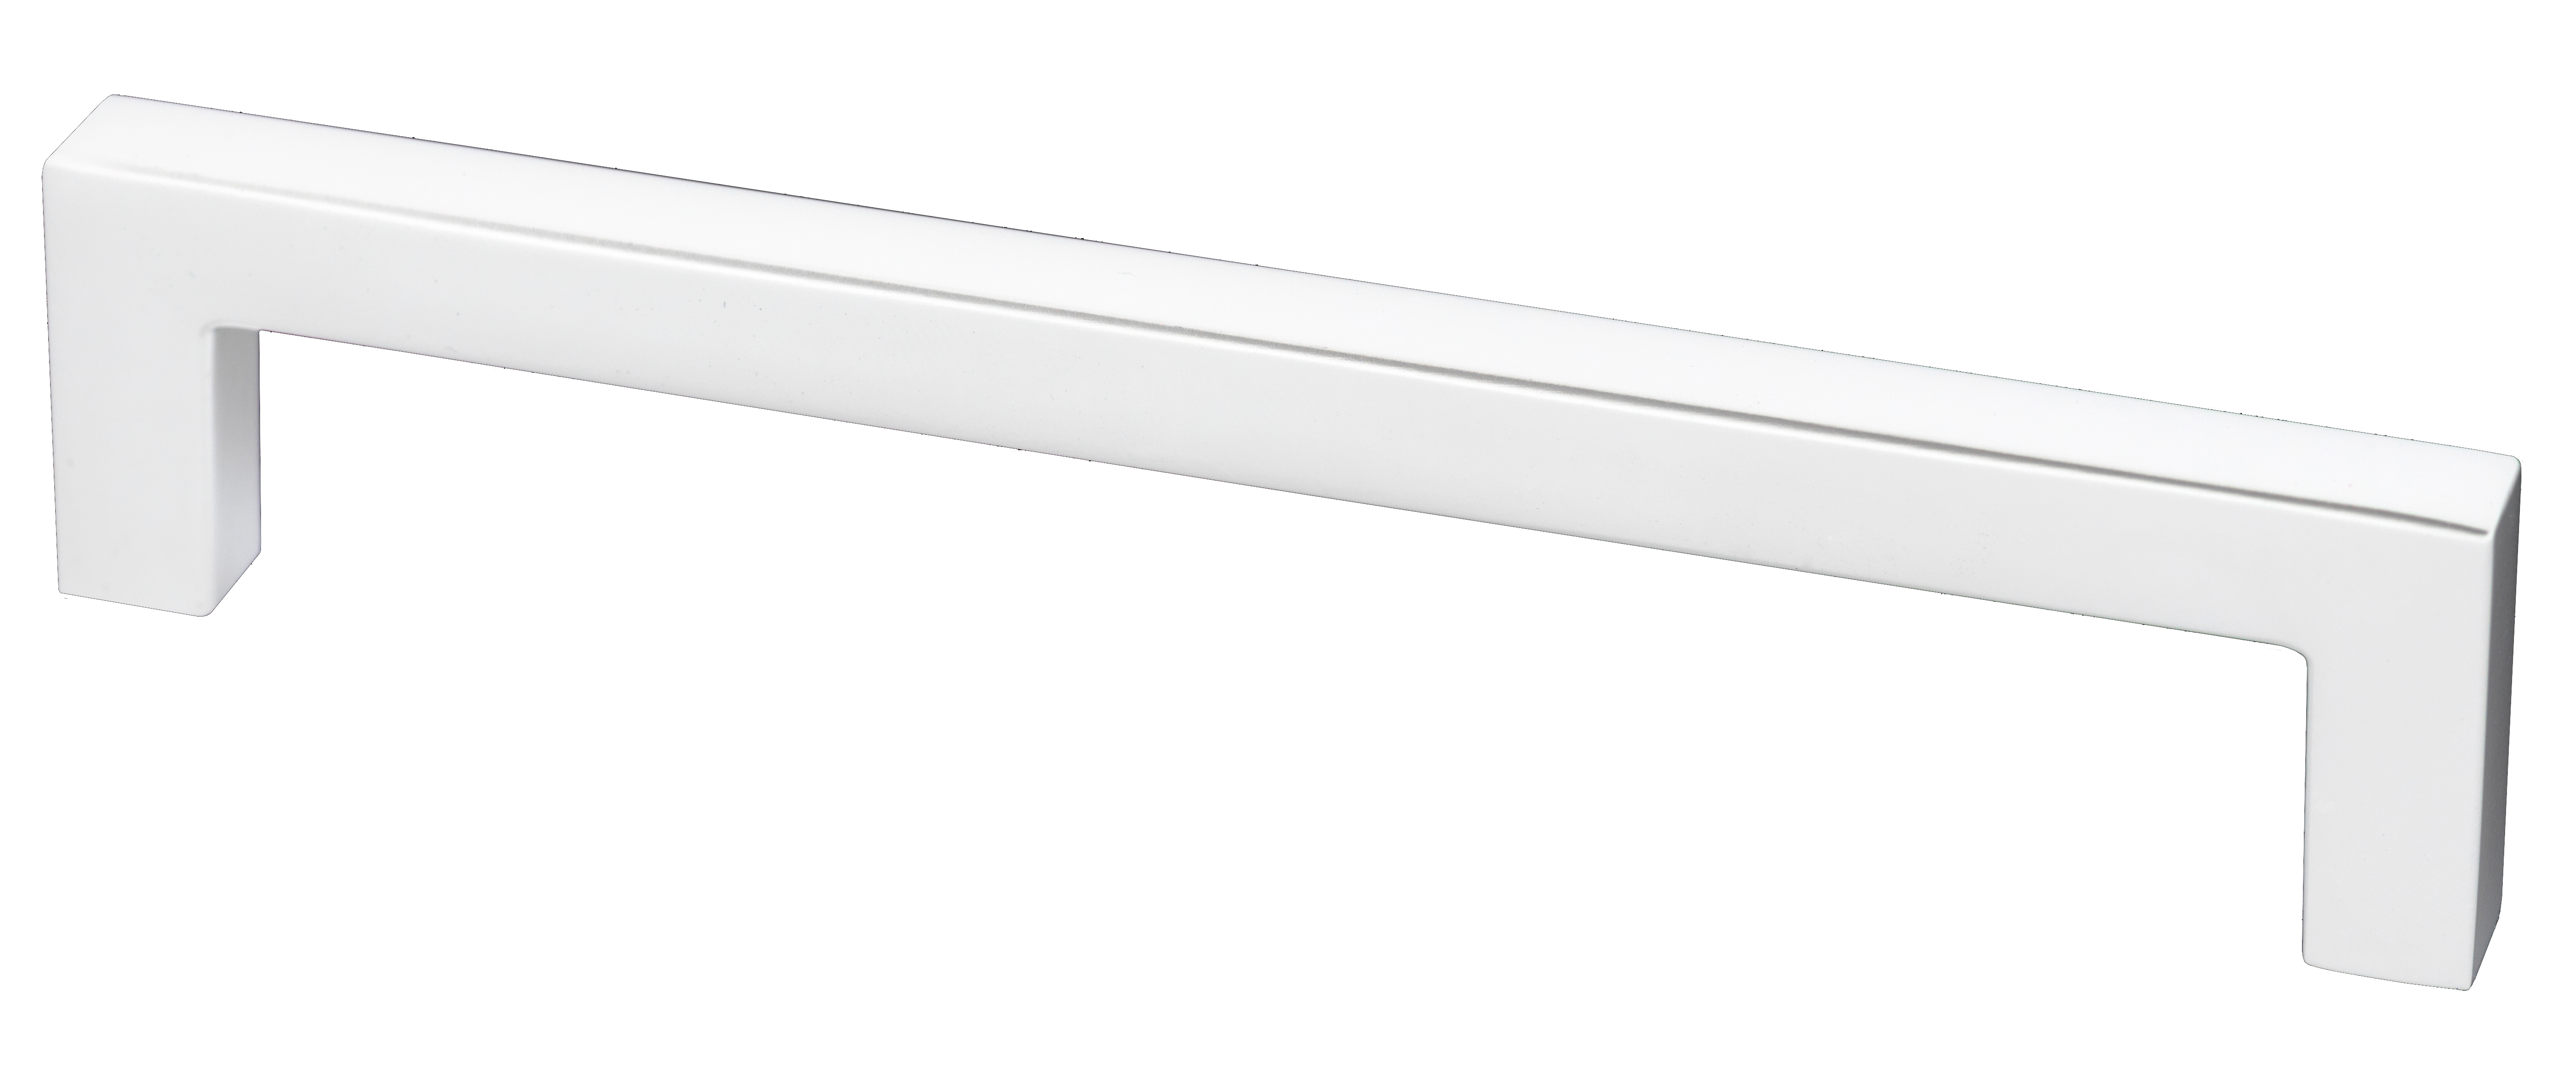 Lifetime Metallgriff - Weiß für Türen- und Schubladensets